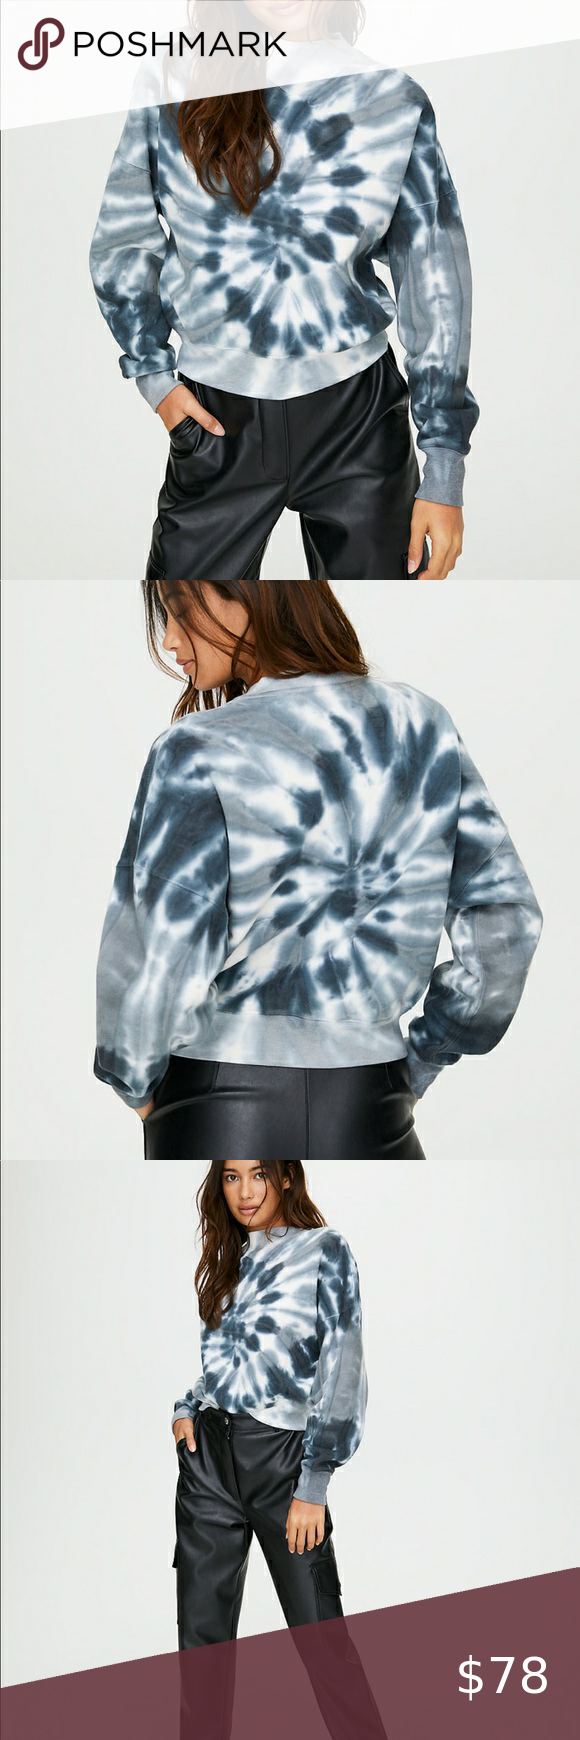 Nwot Wilfred Aritzia Katy Tie Dye Sweater Tie Dye Sweater Tie Dye Clothes Design [ 1740 x 580 Pixel ]